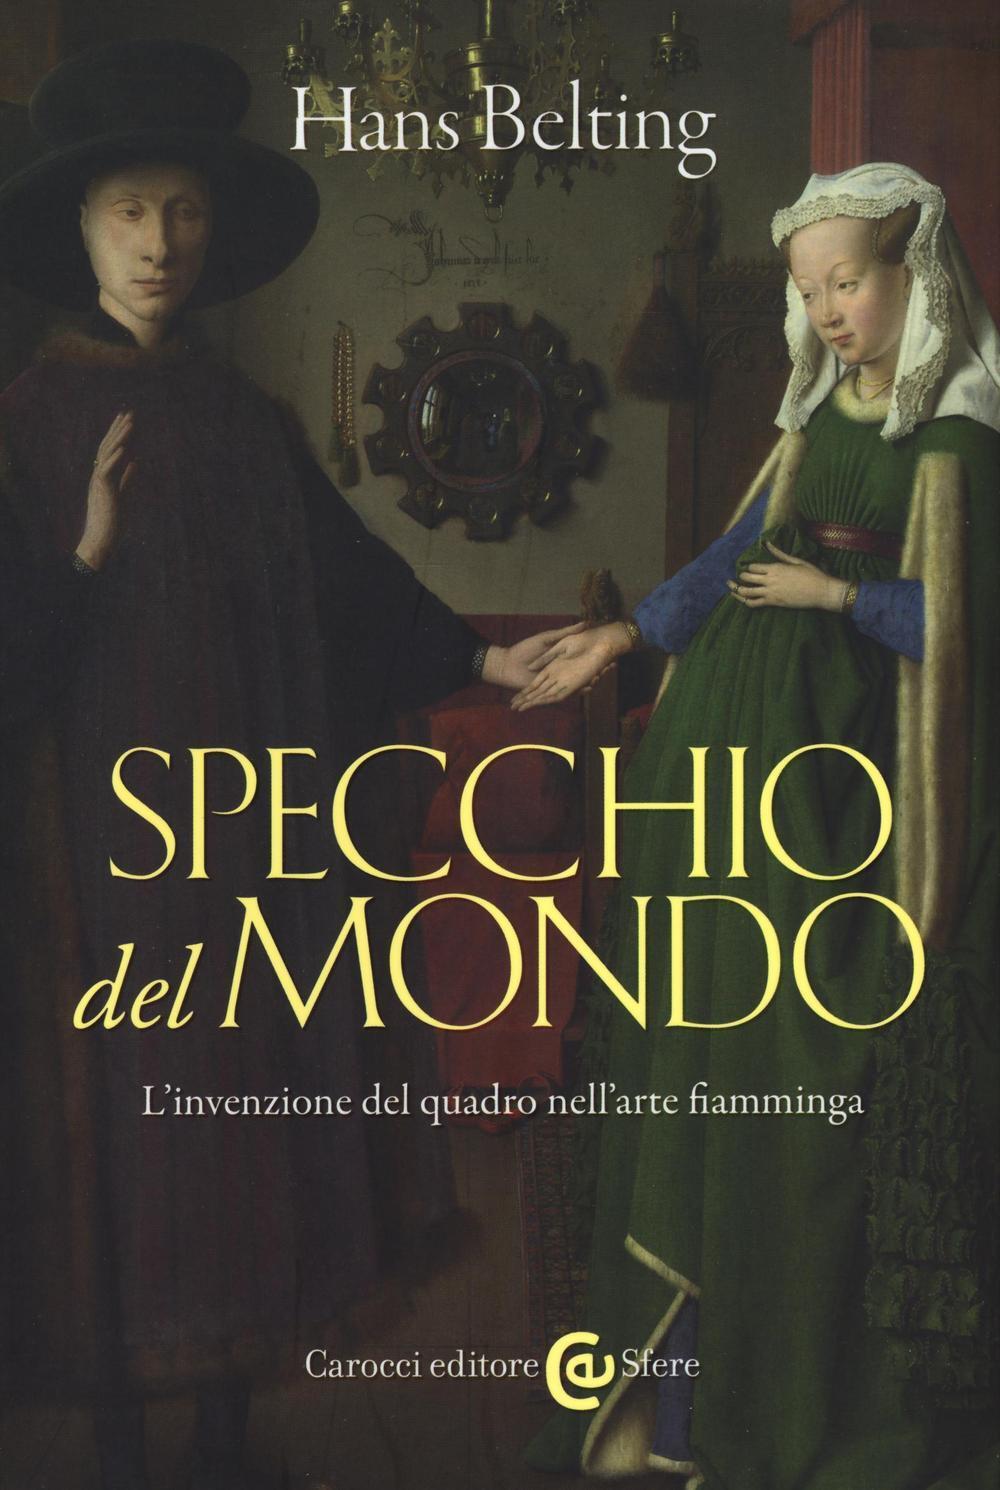 Specchio del mondo l 39 invenzione del quadro nell 39 arte fiamminga hans belting libro carocci - Lo specchio nell arte ...